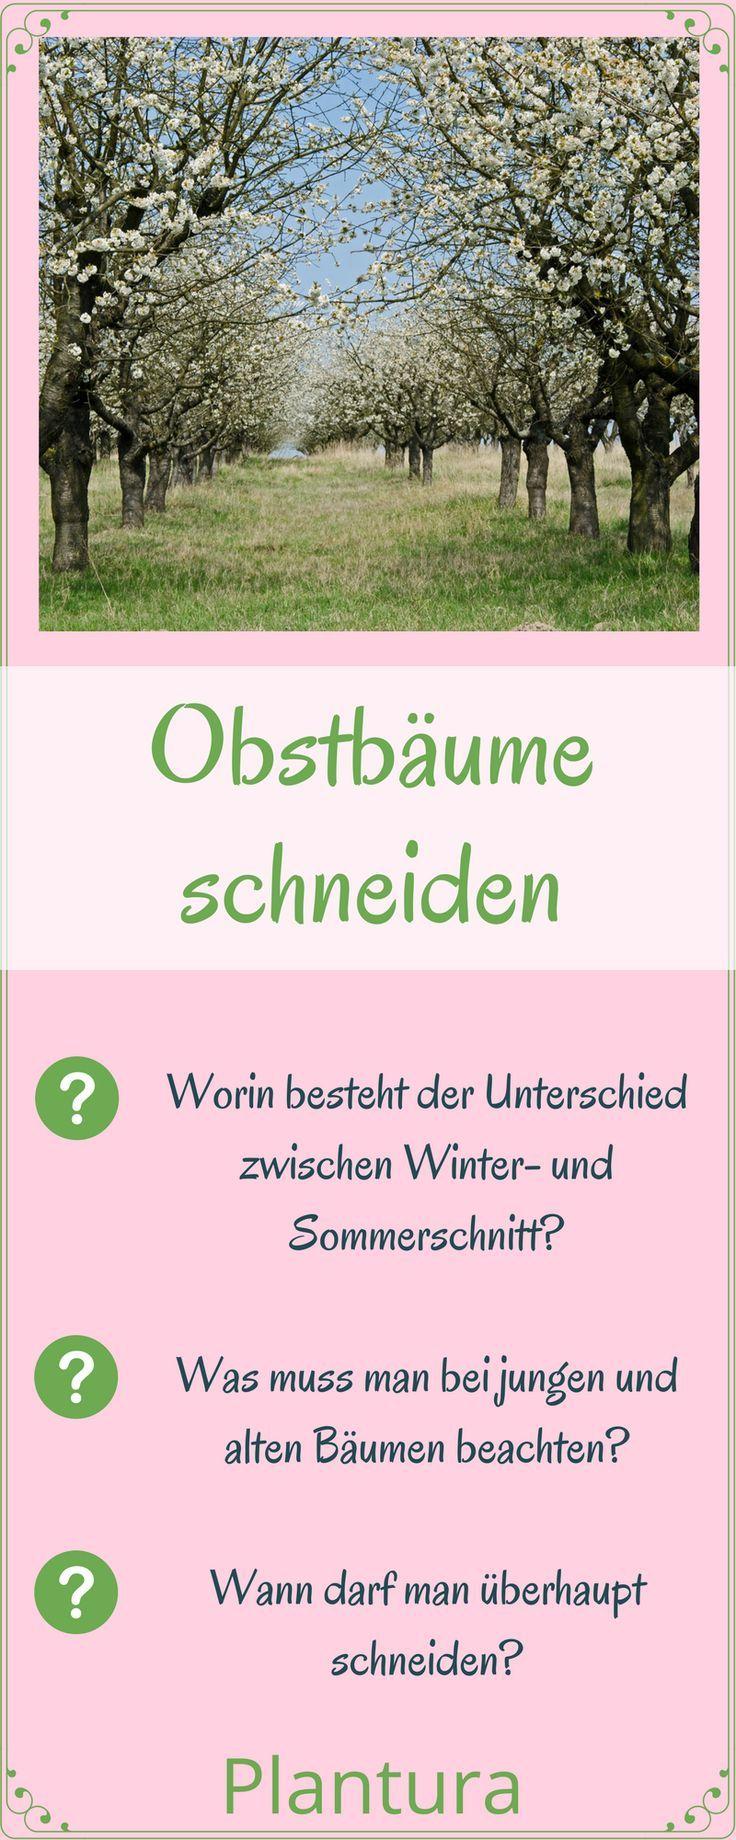 Obstbaume Richtig Schneiden Anleitung Vom Experten Garten Ideen